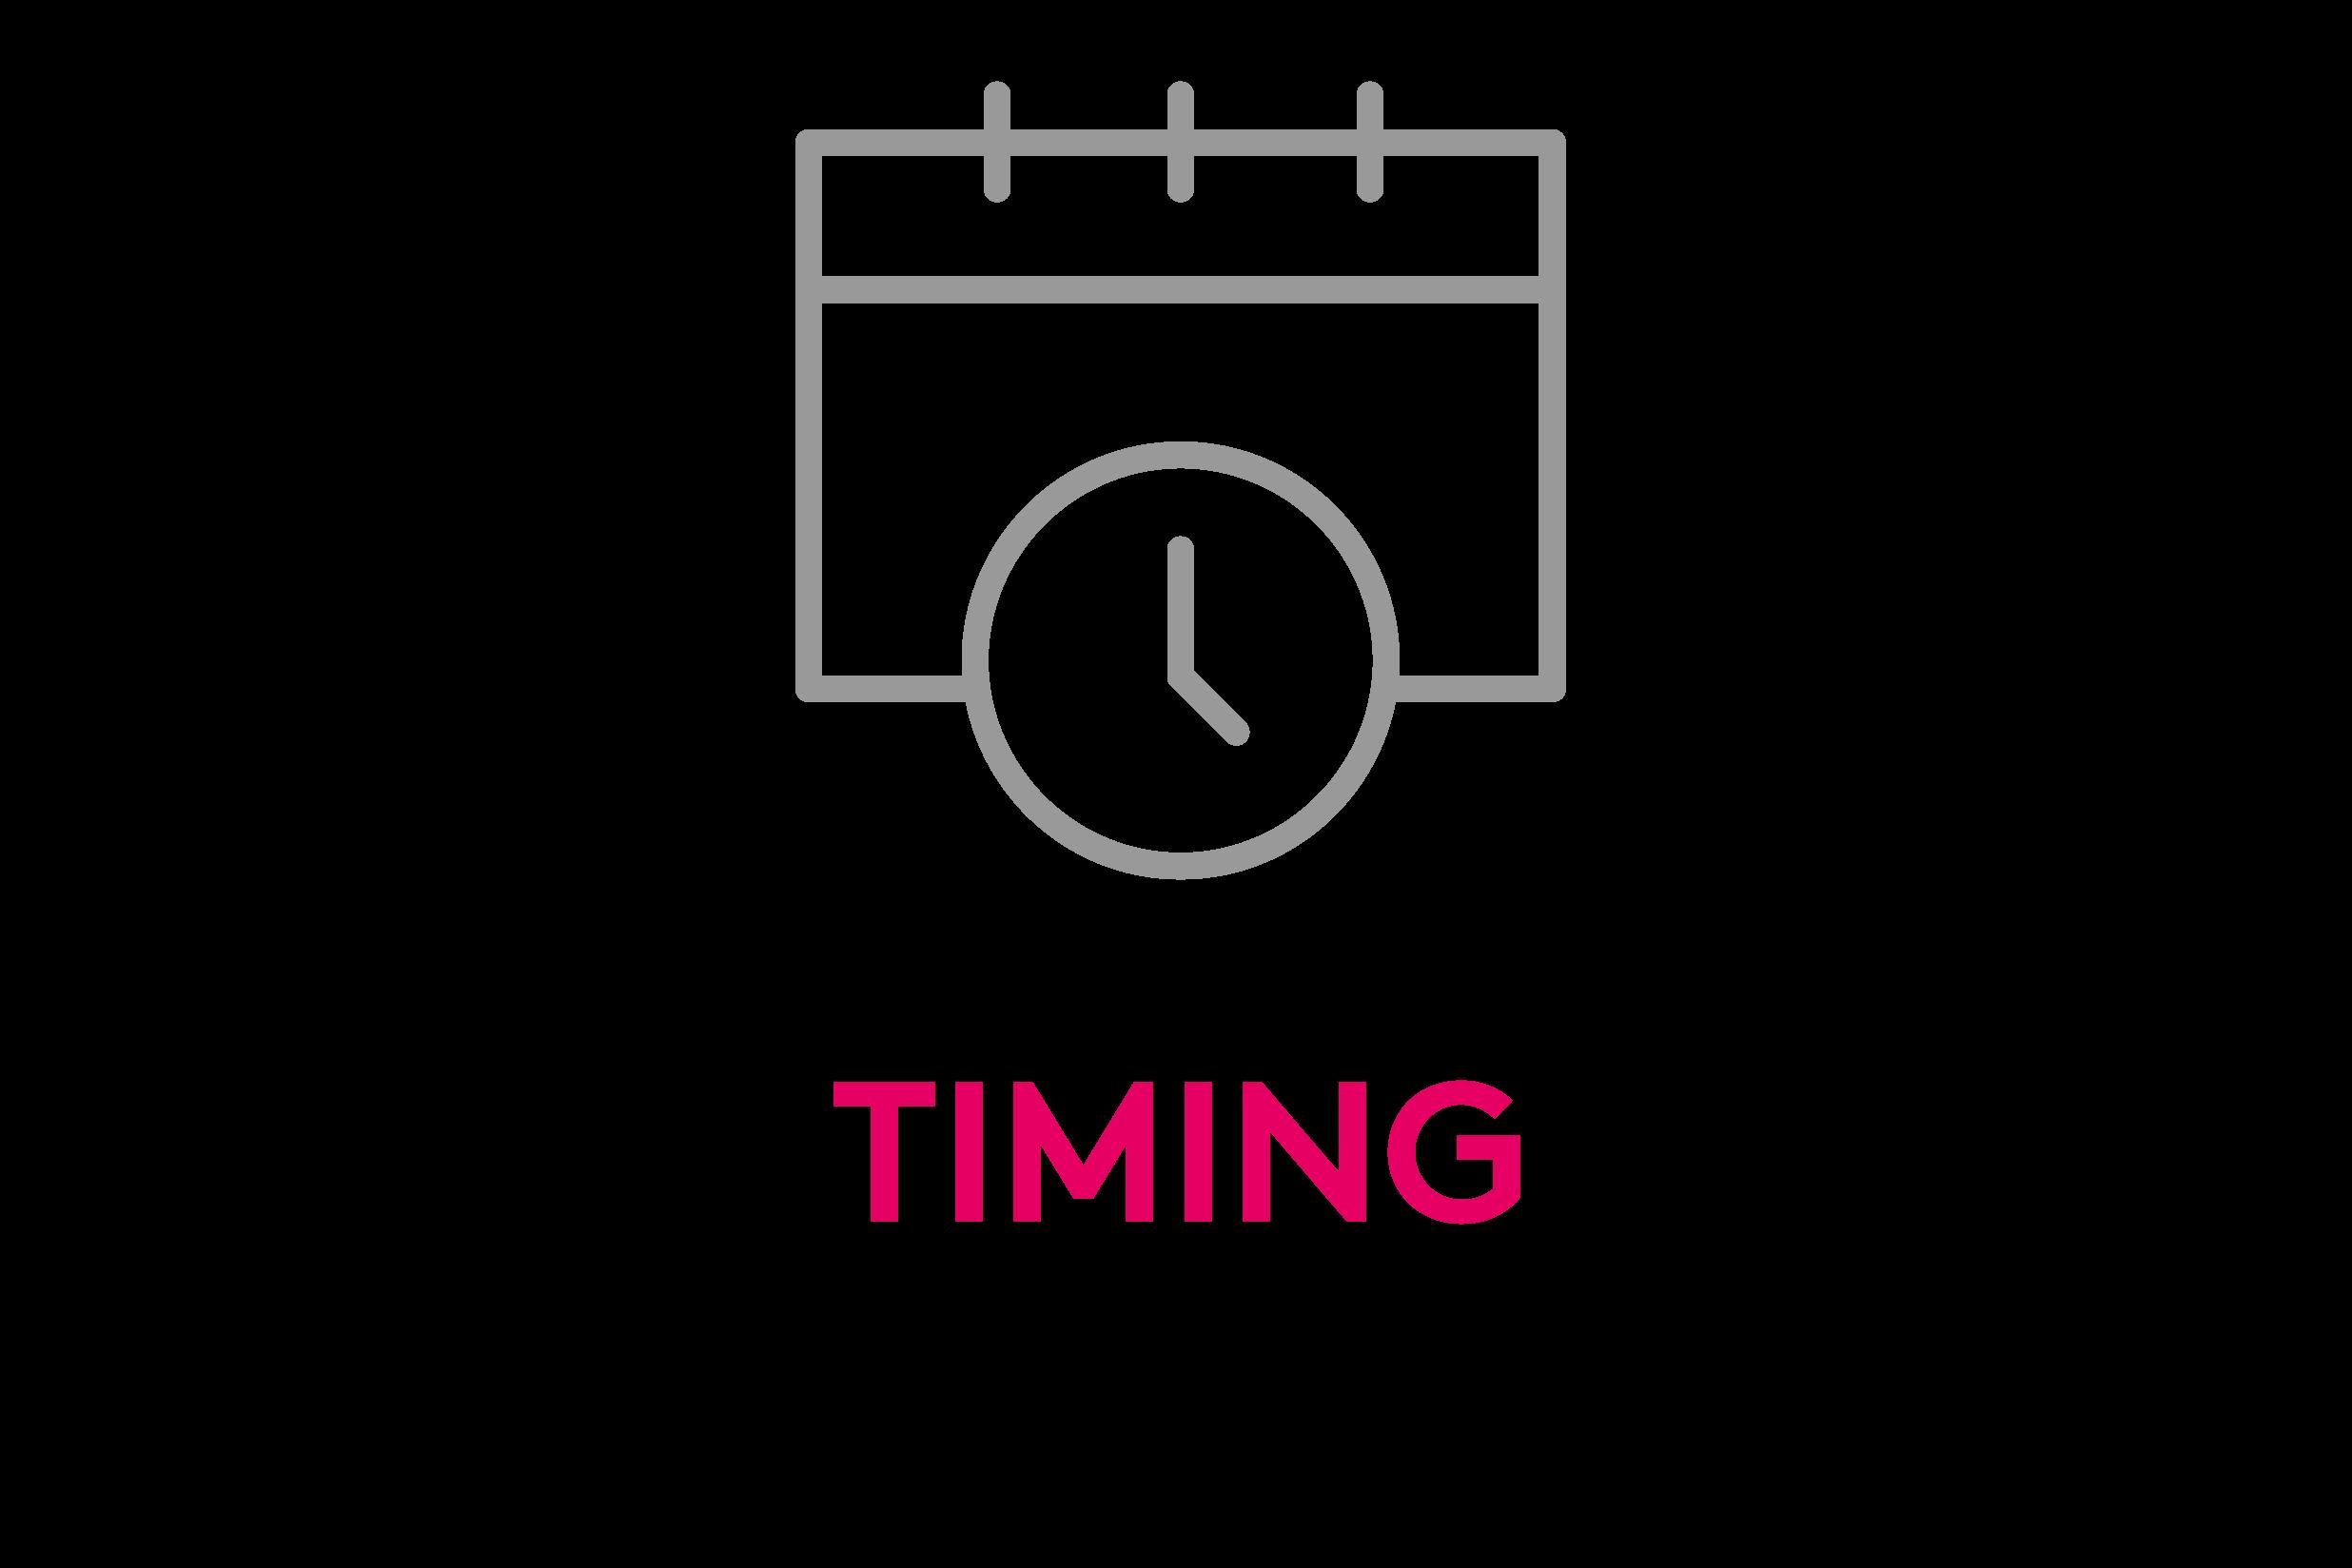 decision-making-platform-timing